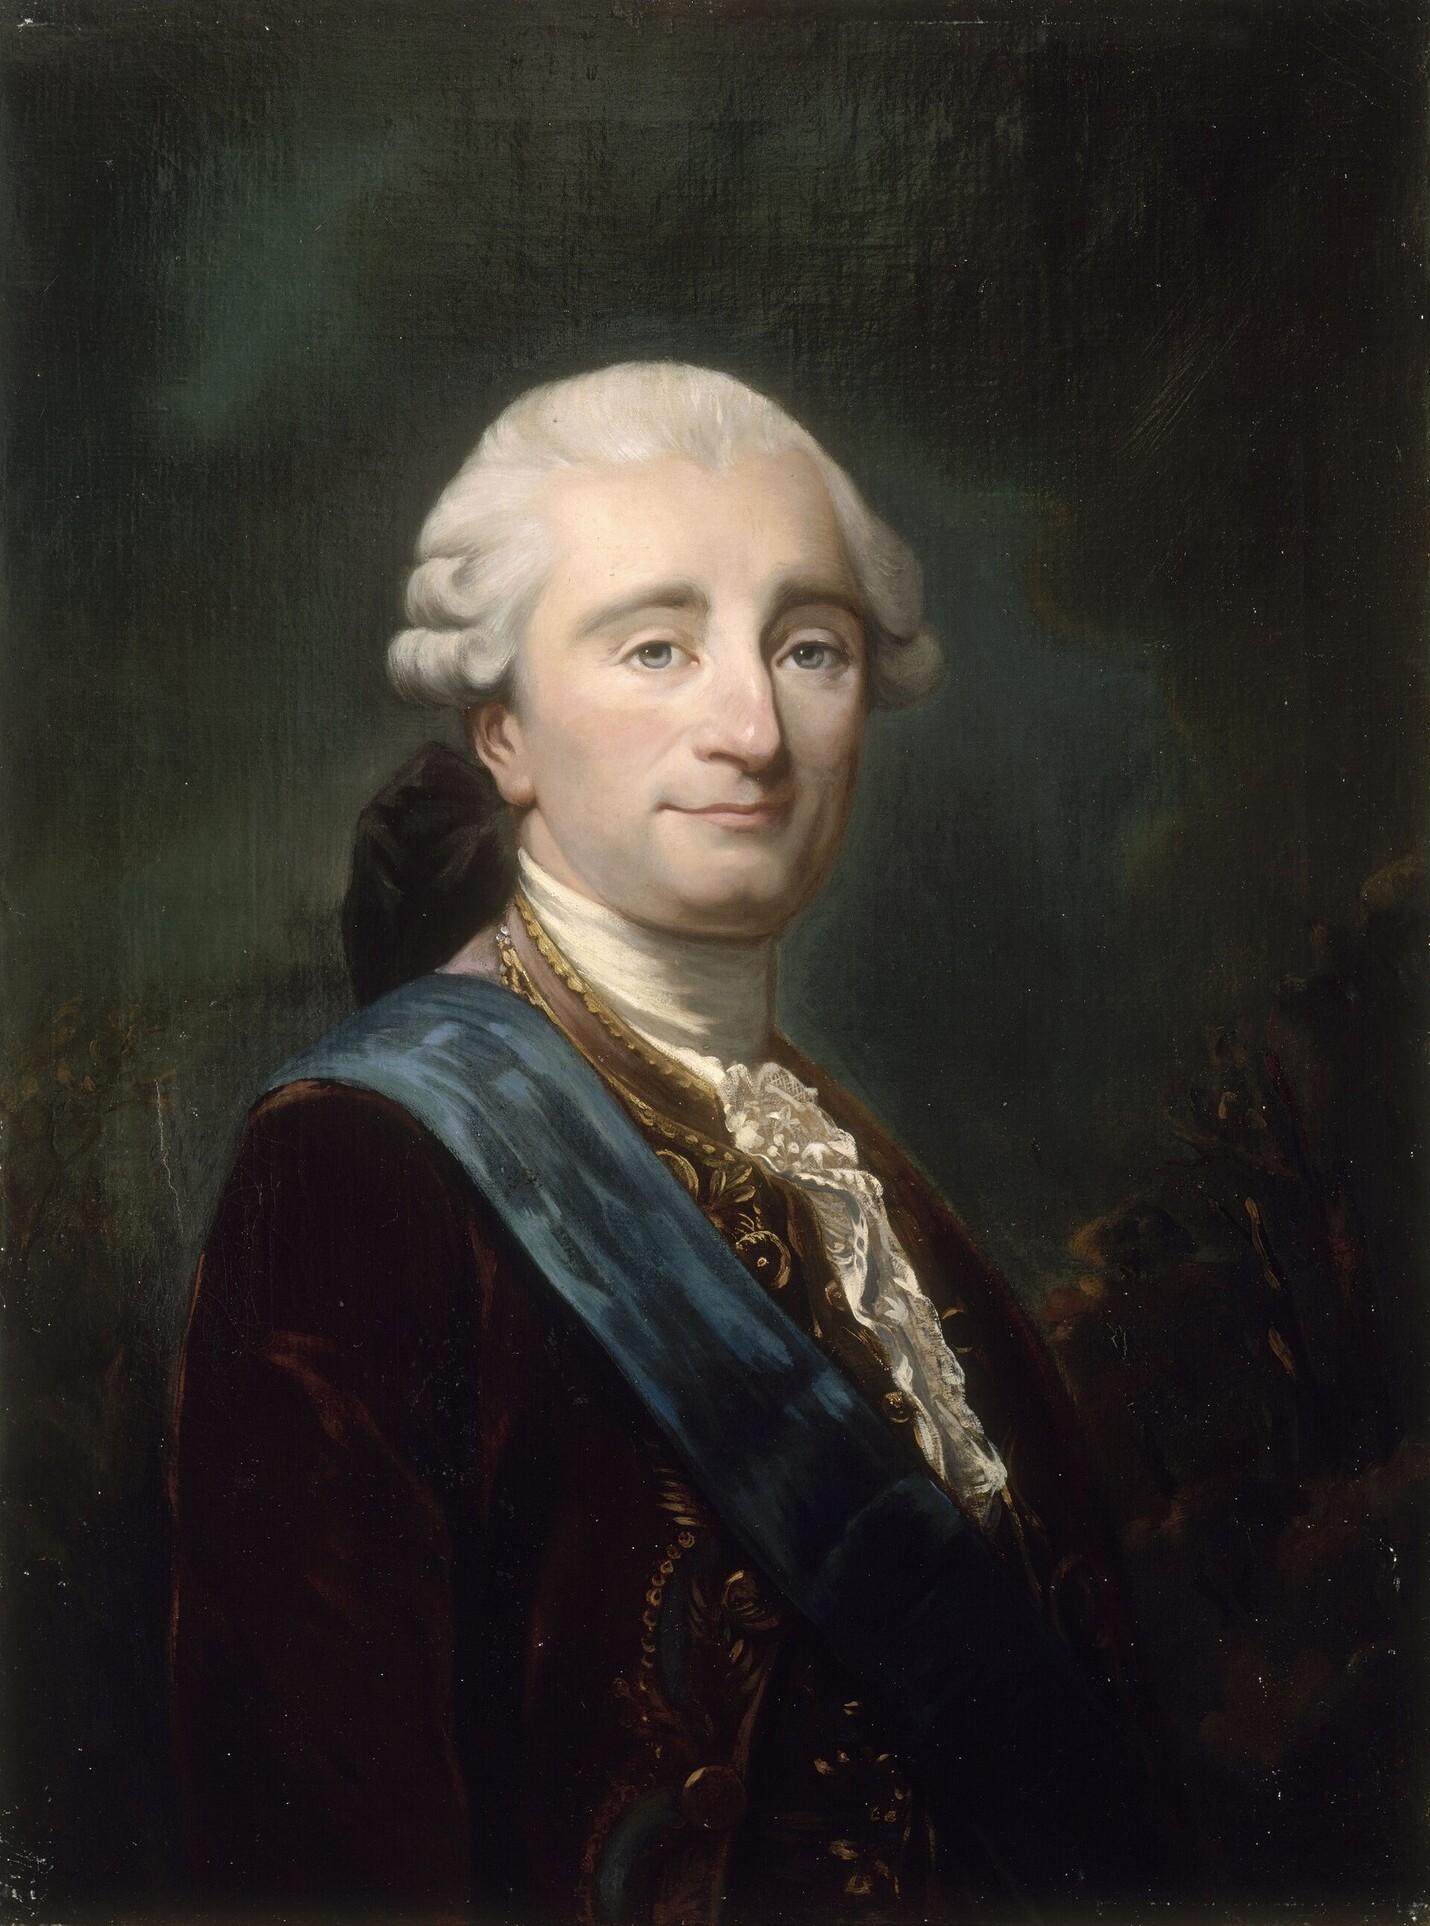 François-Emmanuel Guignard, comte de Saint-Priest